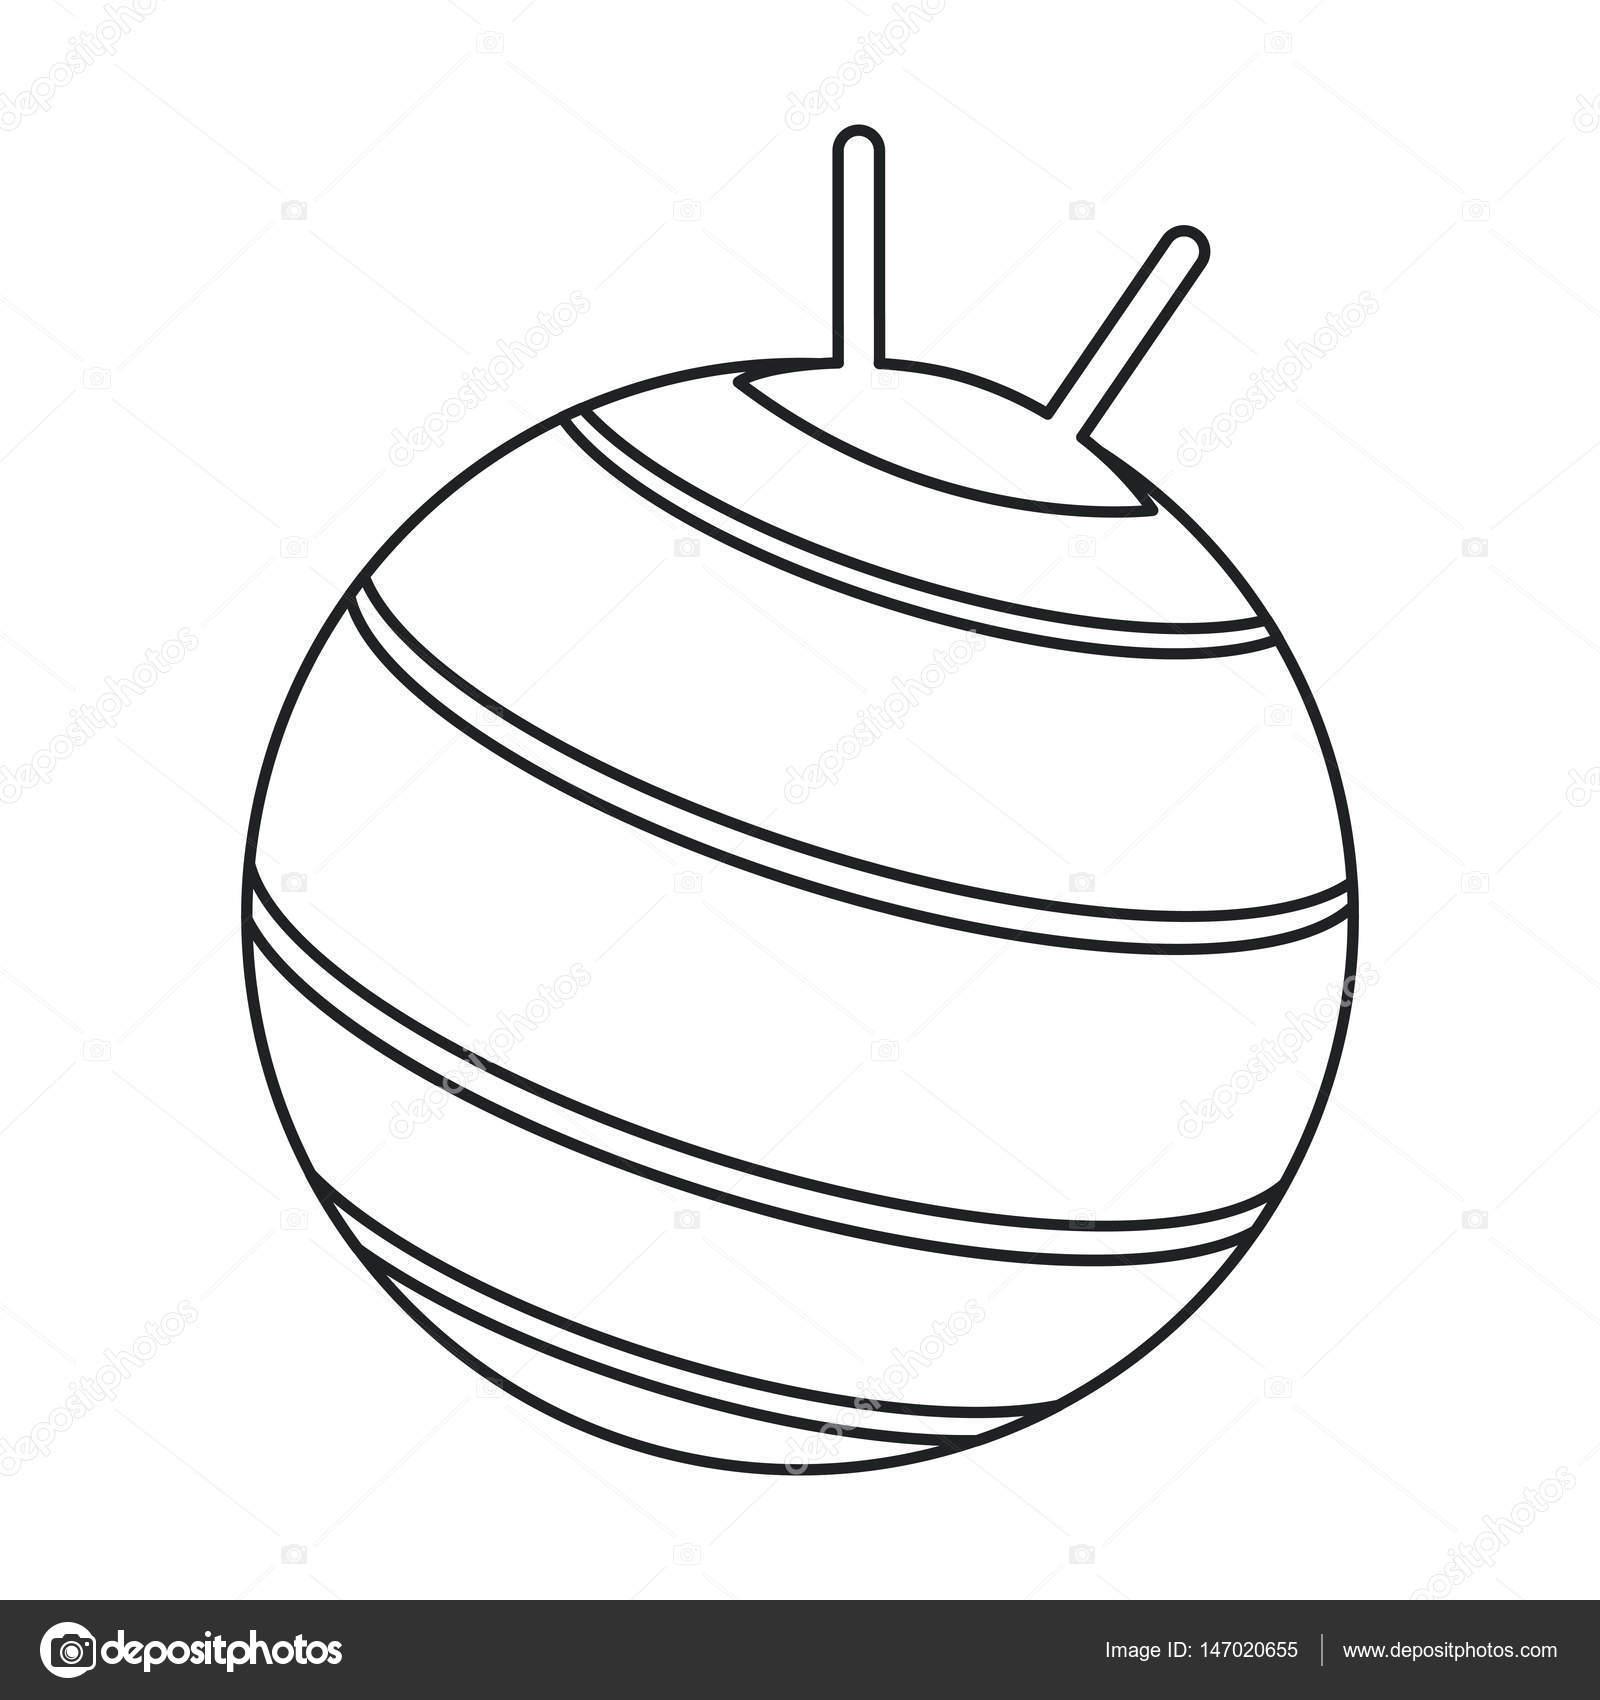 1600x1700 Ball Fitness Gym Equipment Outline Stock Vector Jemastock